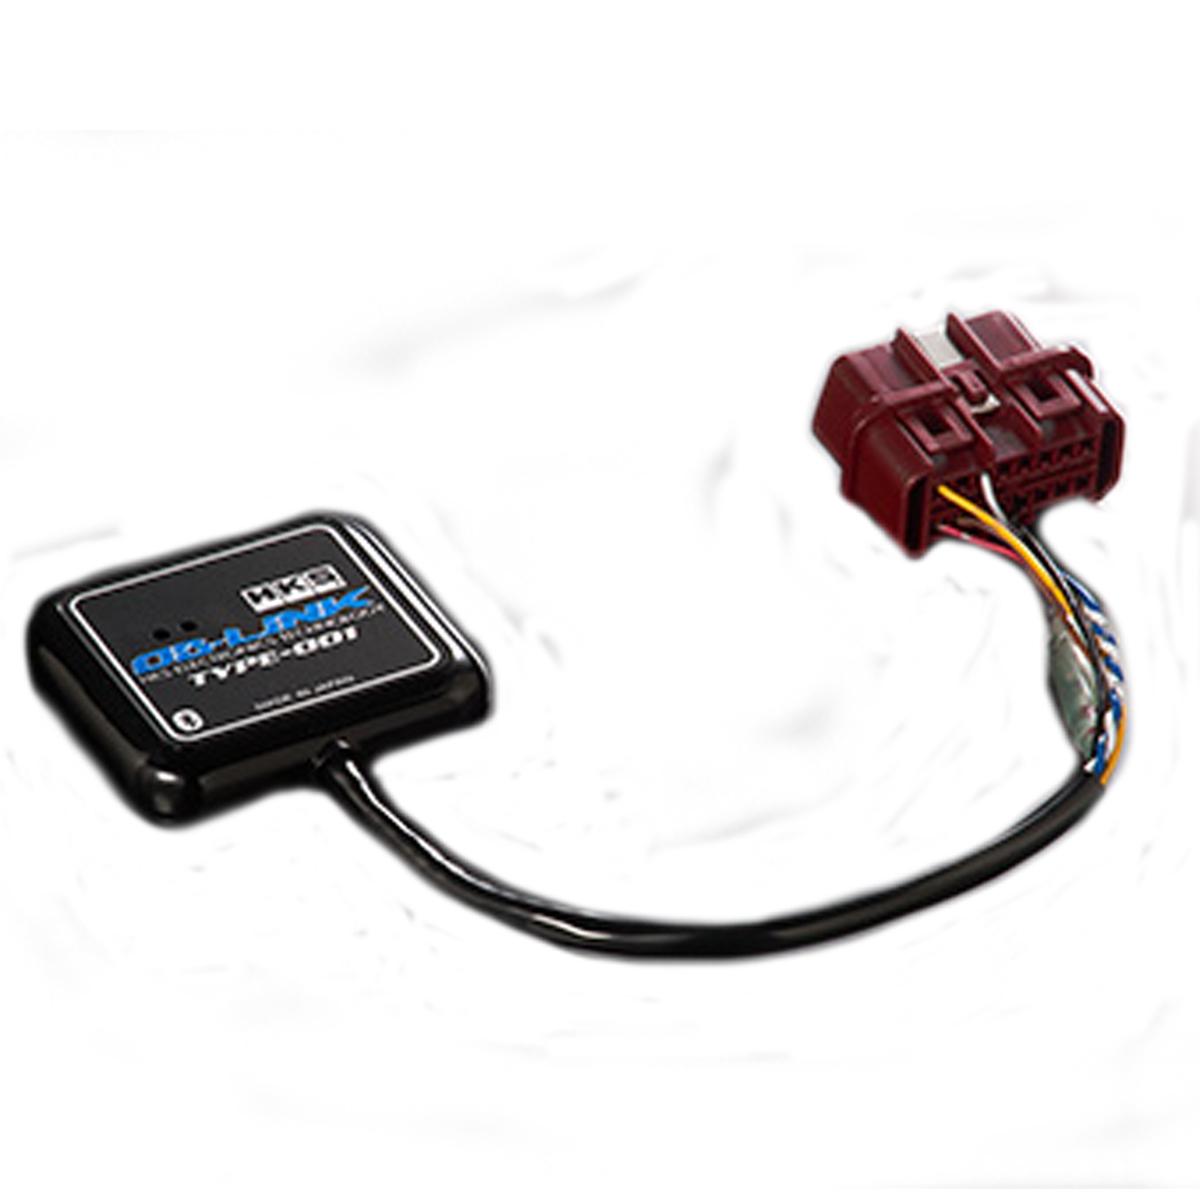 チャレンジャー モニター OBリンク タイプ 001 K99W HKS 44009-AK002 エレクトリニクス 個人宅発送追金有